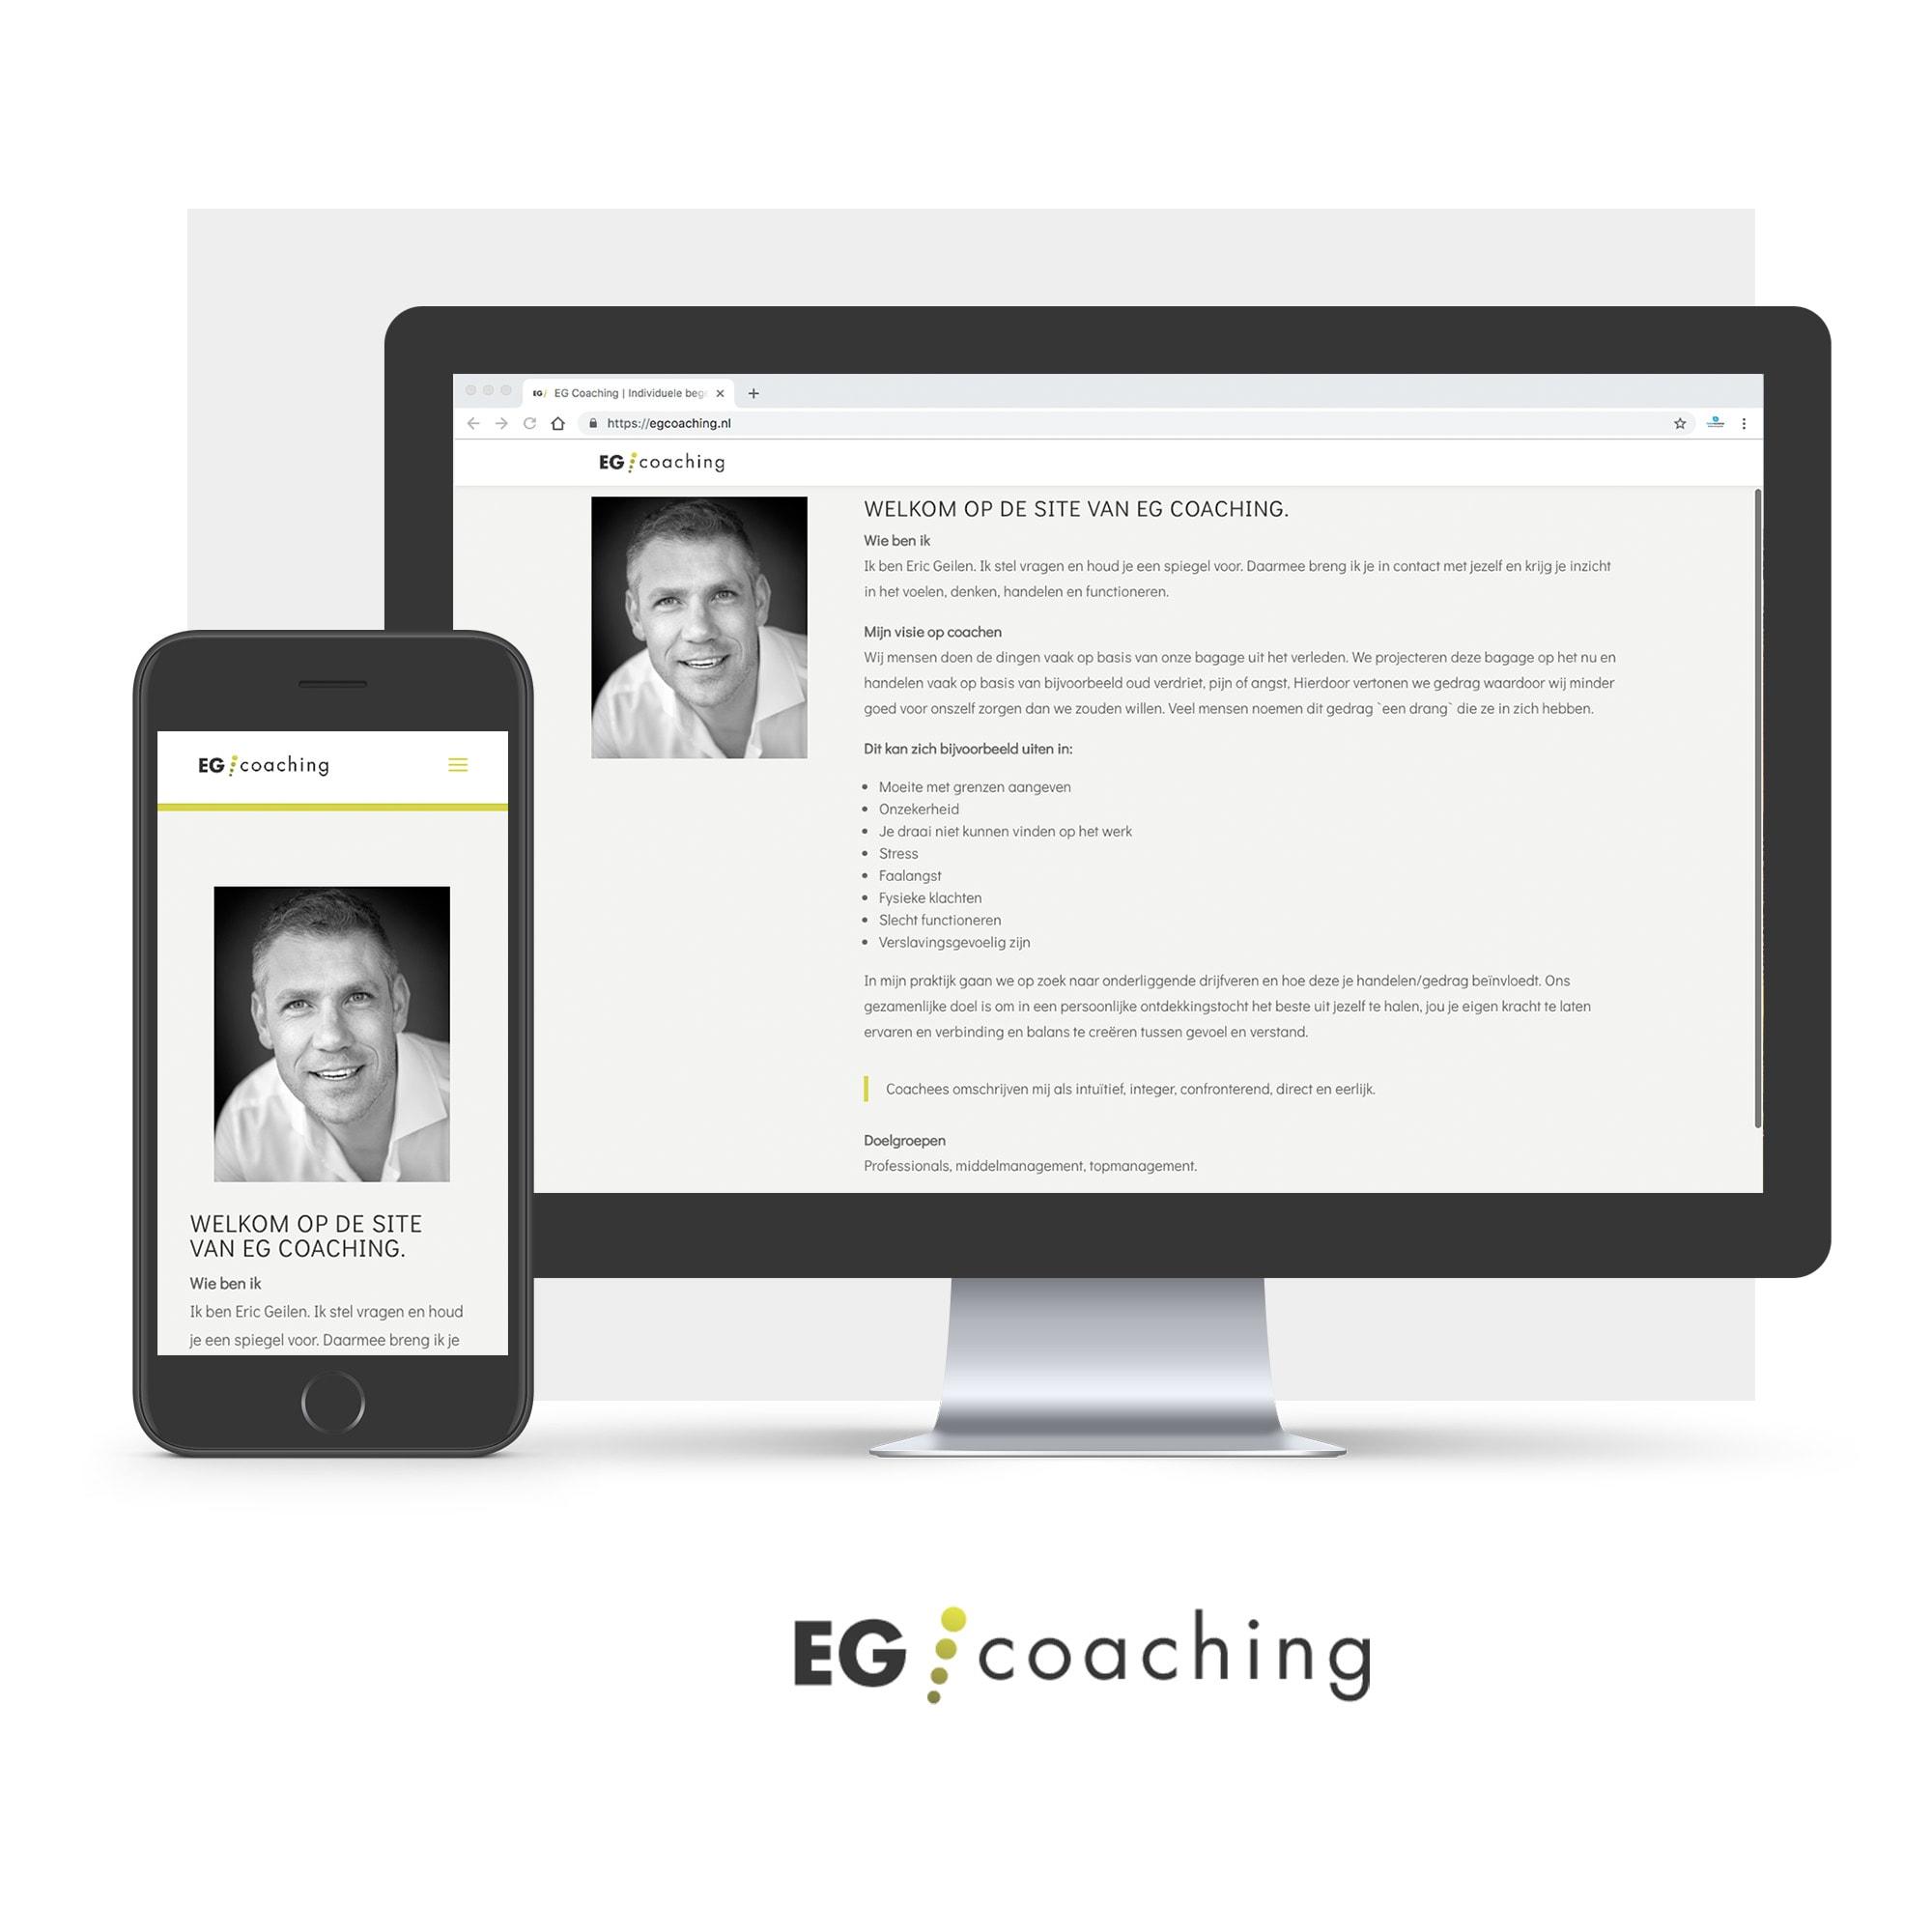 Mockup website EGcoaching